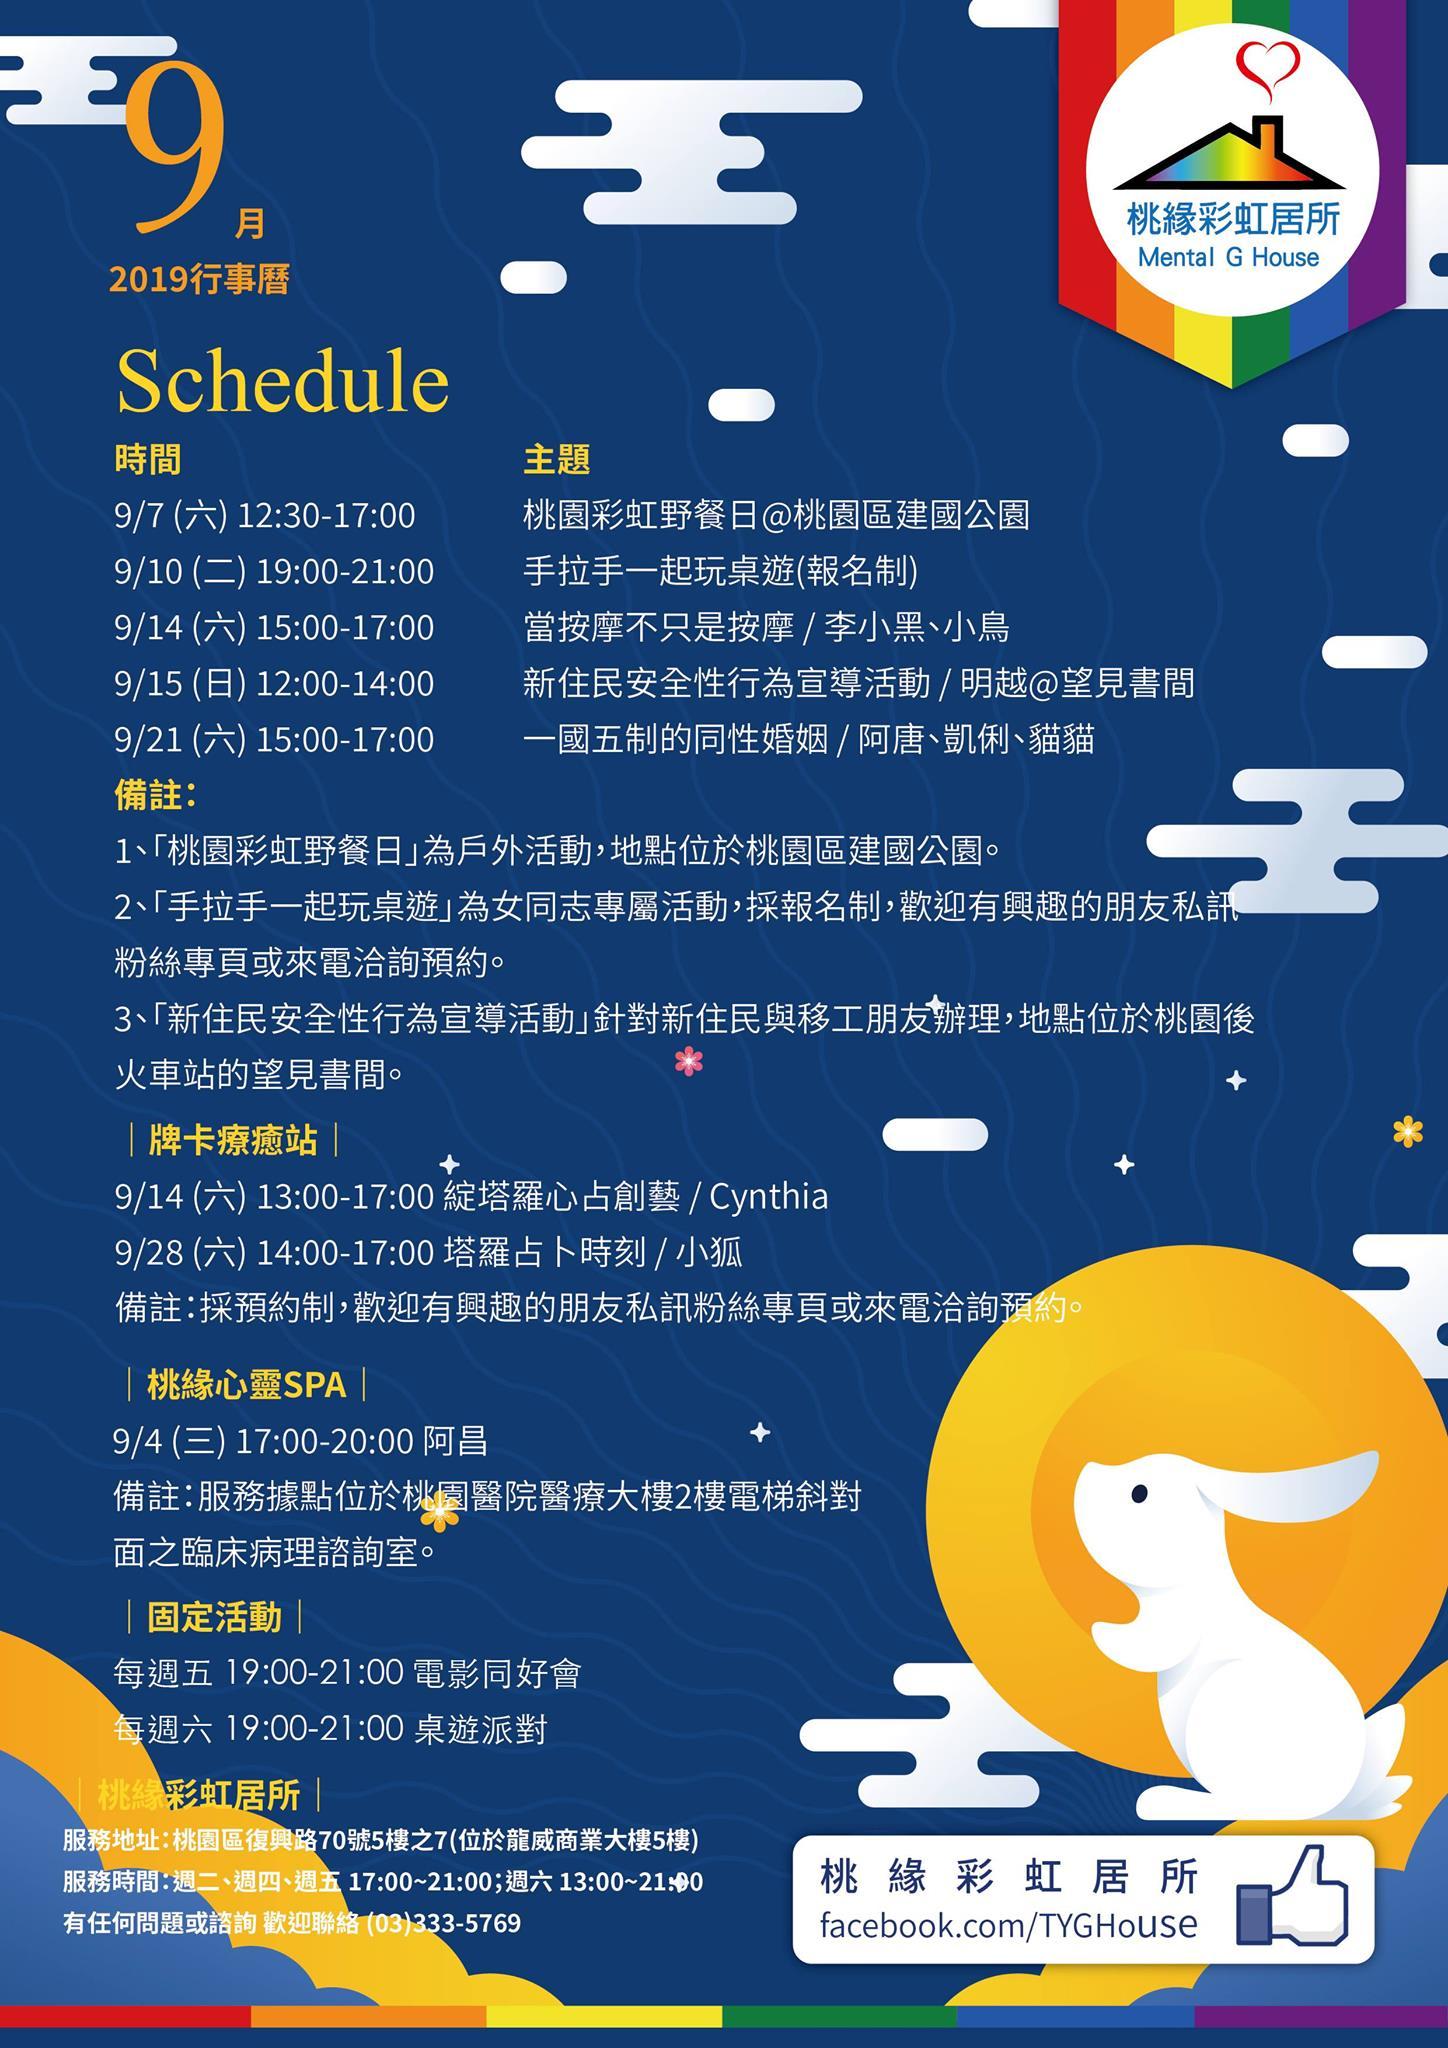 108年度桃緣彩虹居所9月份行事曆